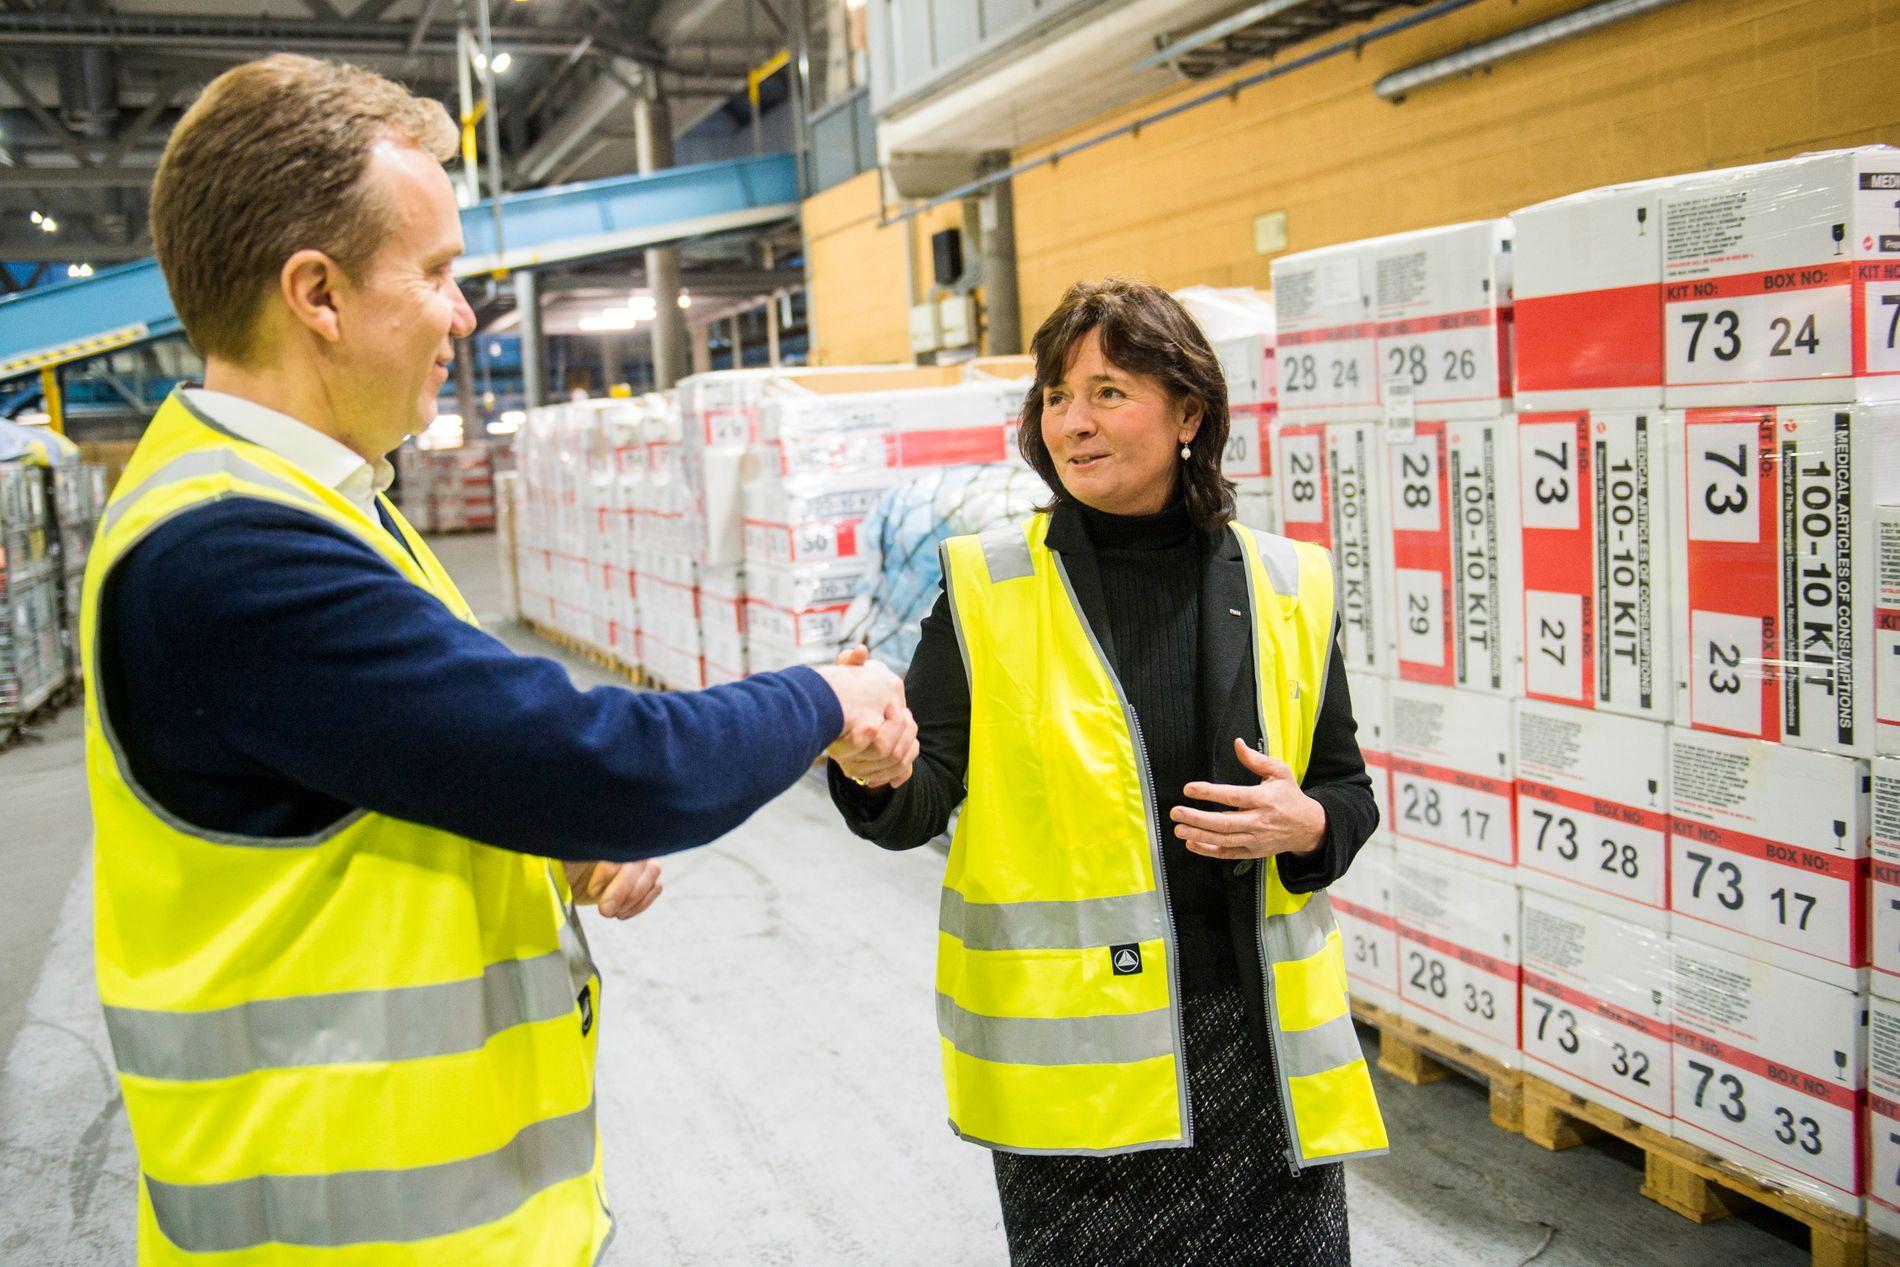 MINDRE PENGER: DSB-sjef Cecilie Daae varsler nå hvilke oppgaver hun ikke kan løse etter store budsjettkutt de siste to årene. Her er hun sammen med utenriksminister Børge Brende (H) på et et lager for medisinsk utstyr på Oslo lufthavn Gardermoen.